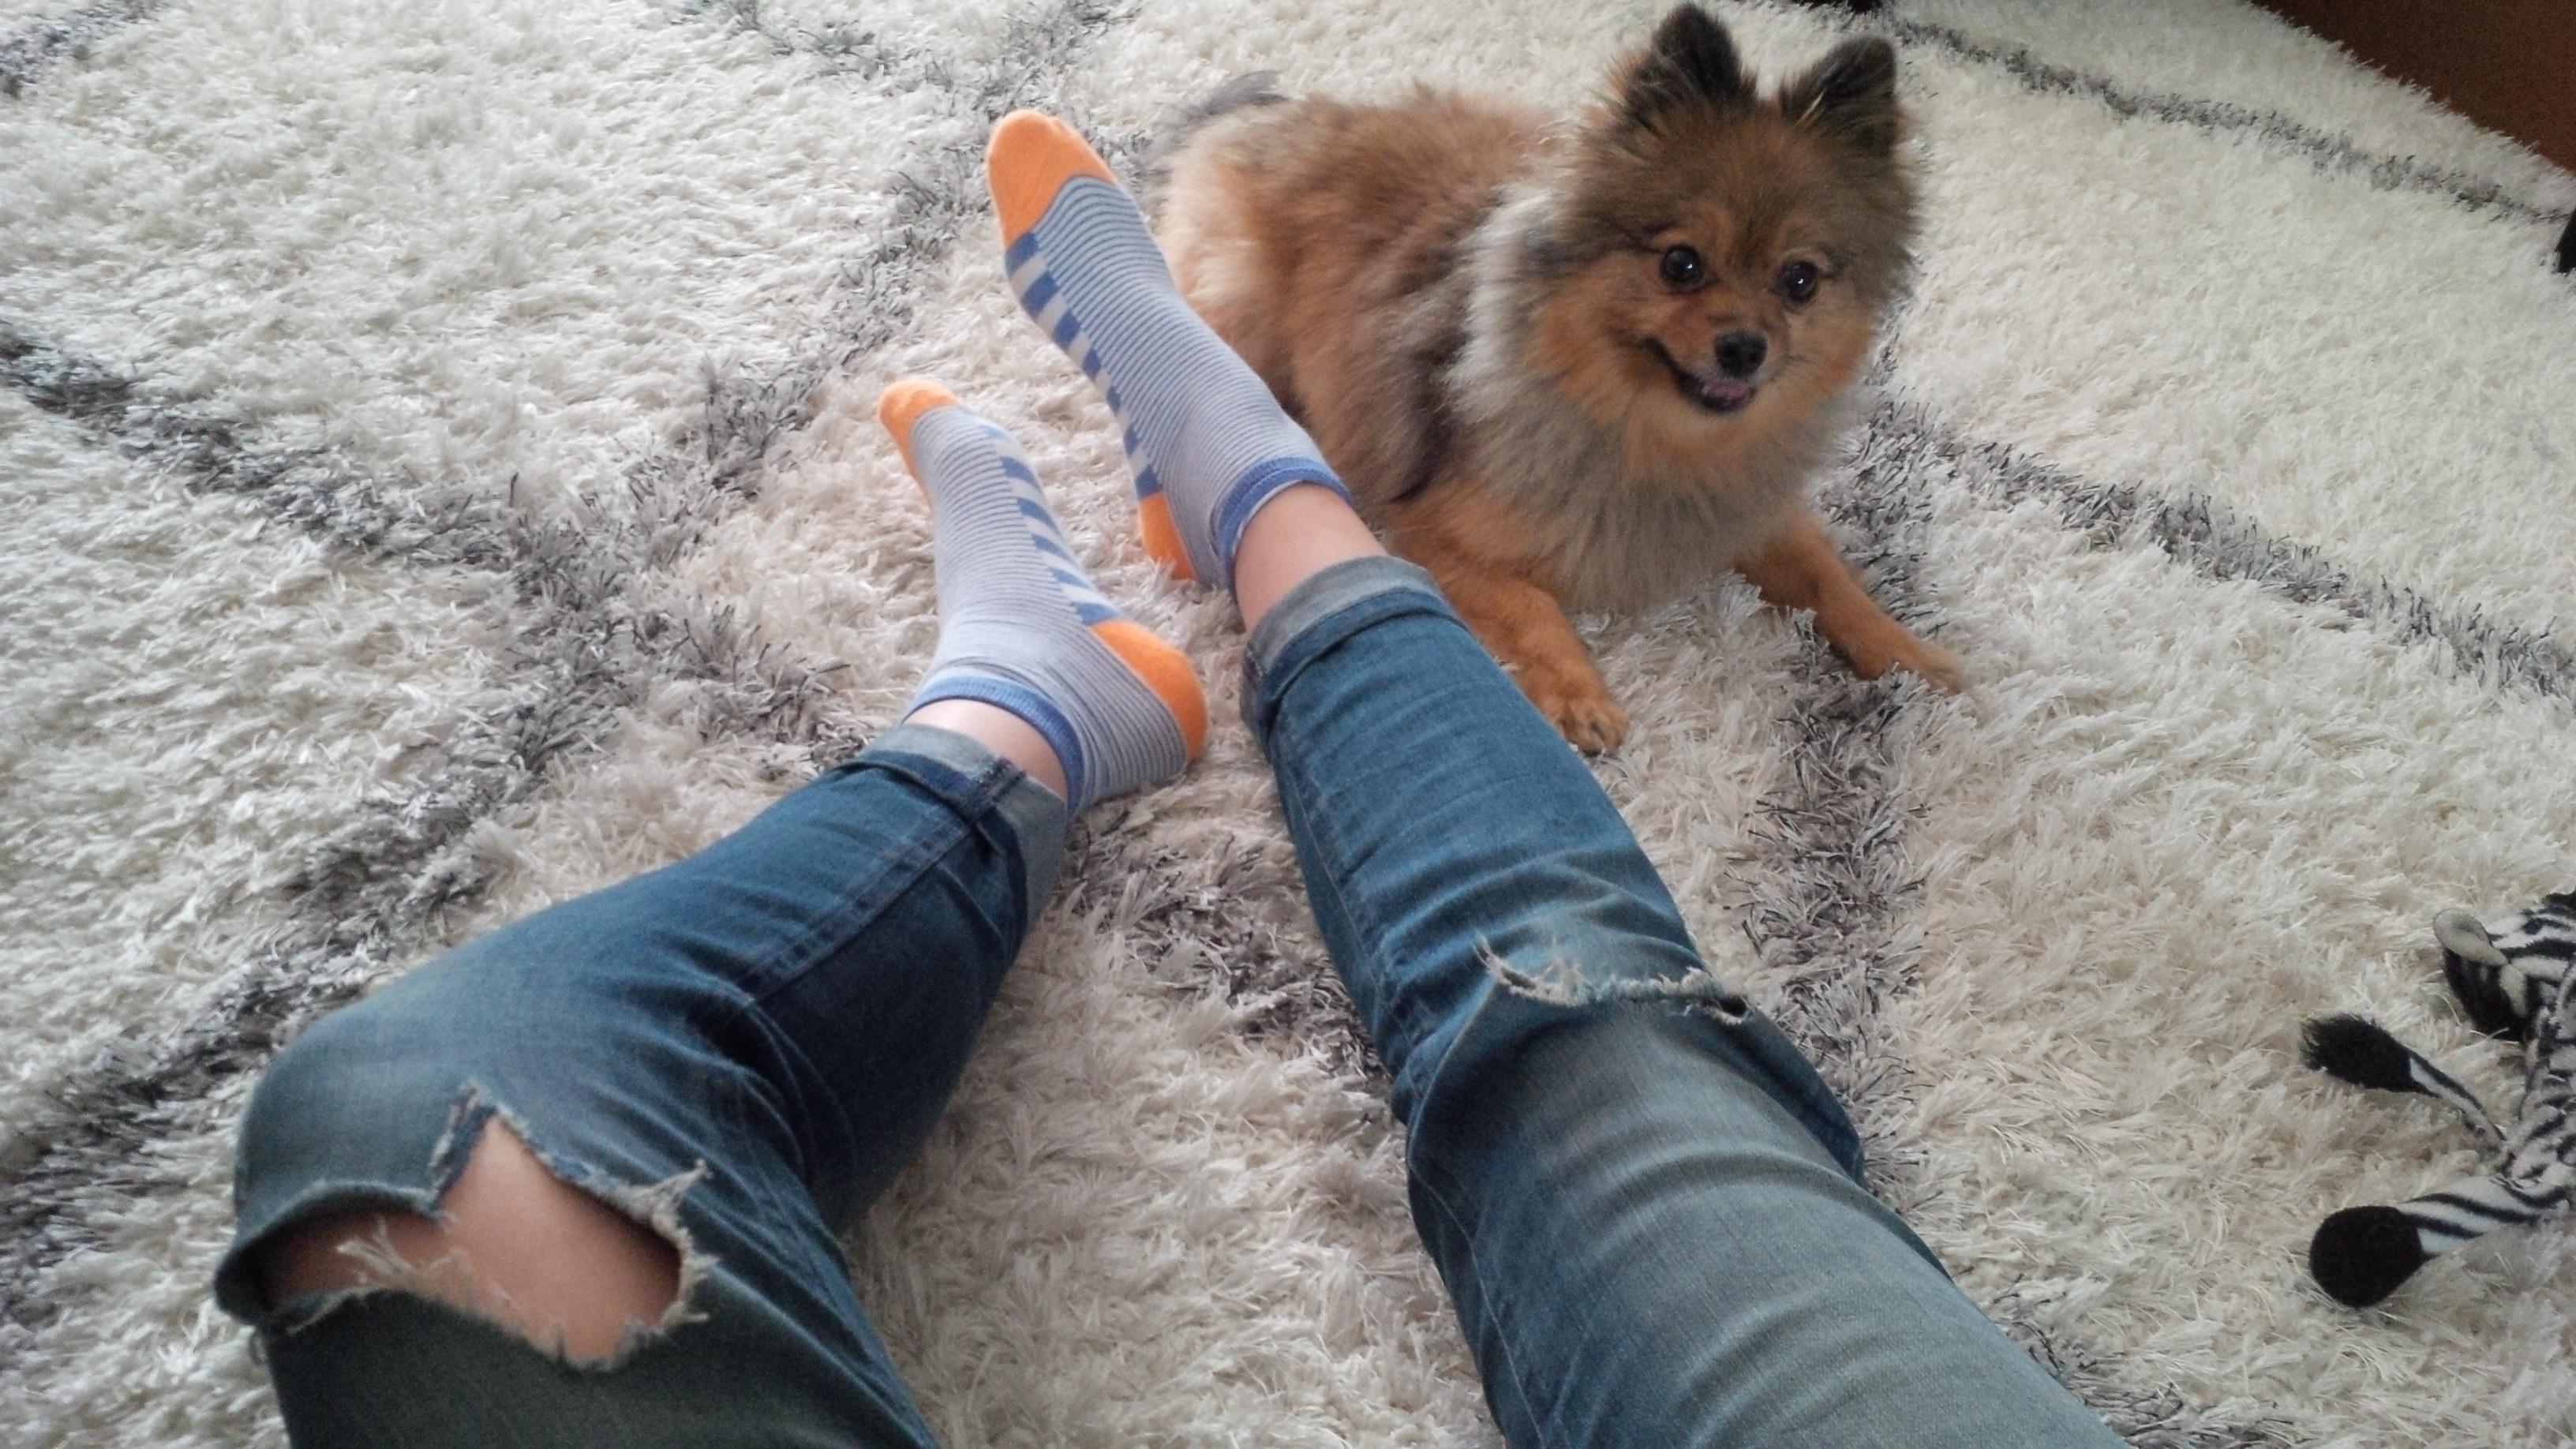 Fun socks on a fun rug